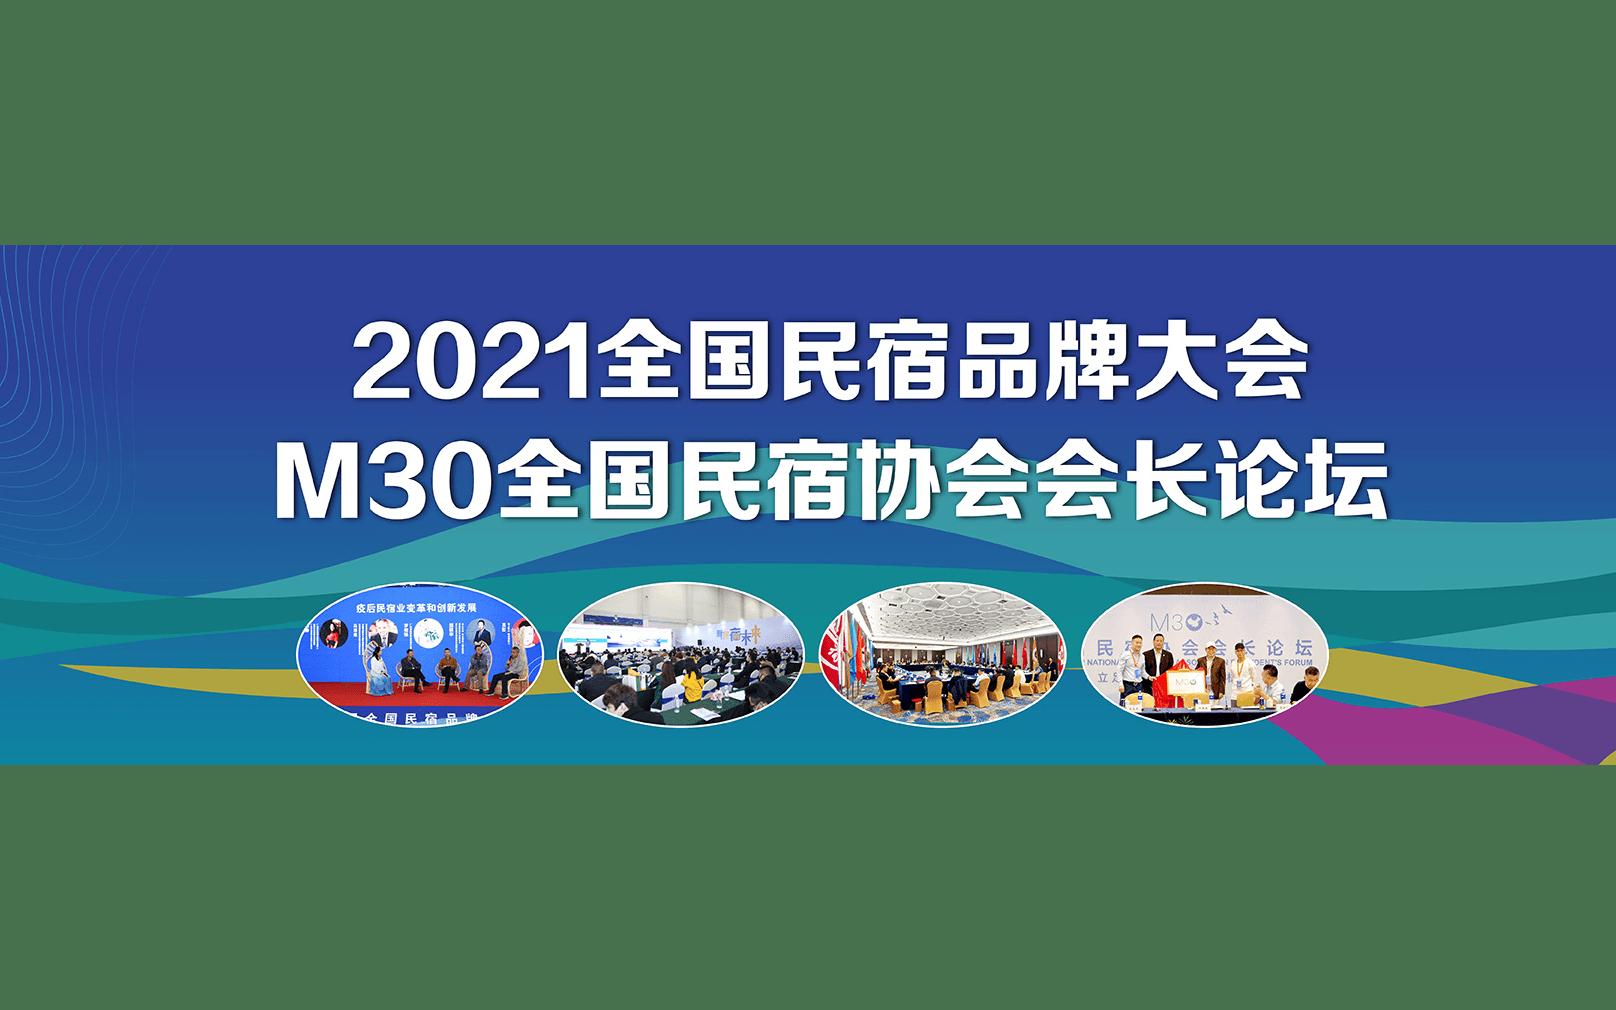 2021第五届全国民宿品牌大会暨宁波民宿产业博览会